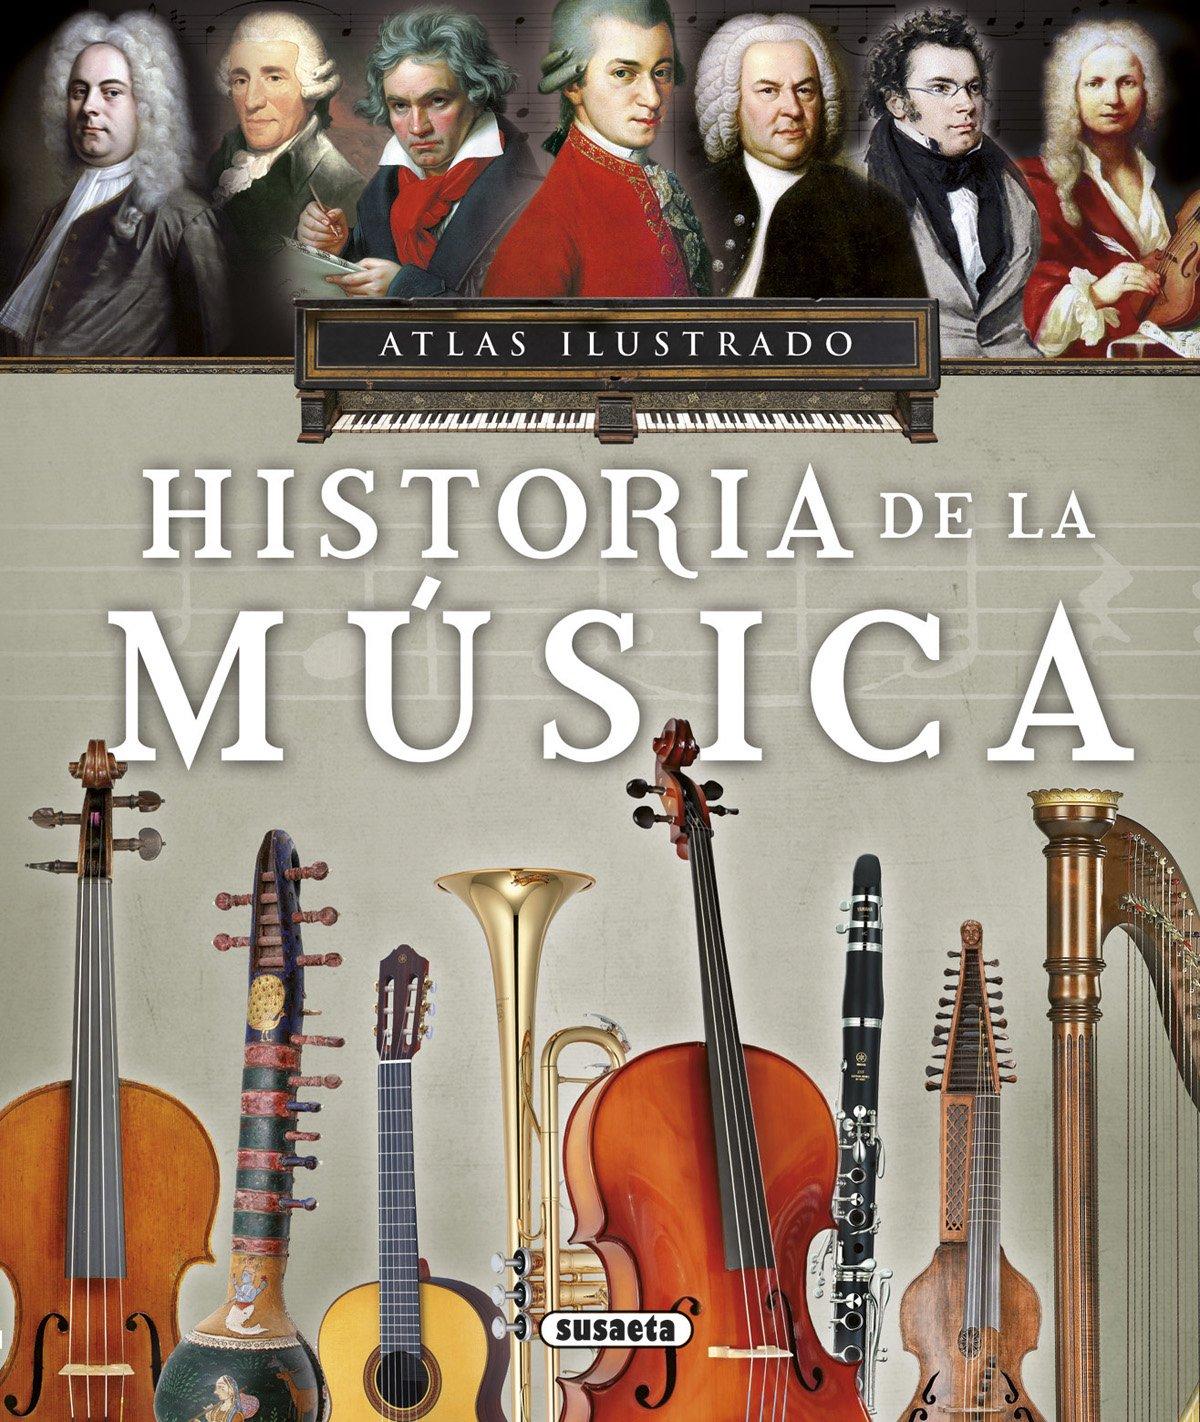 Atlas ilustrado, historia de la música: Amazon.es: López Iriarte, Víctor Javier: Libros